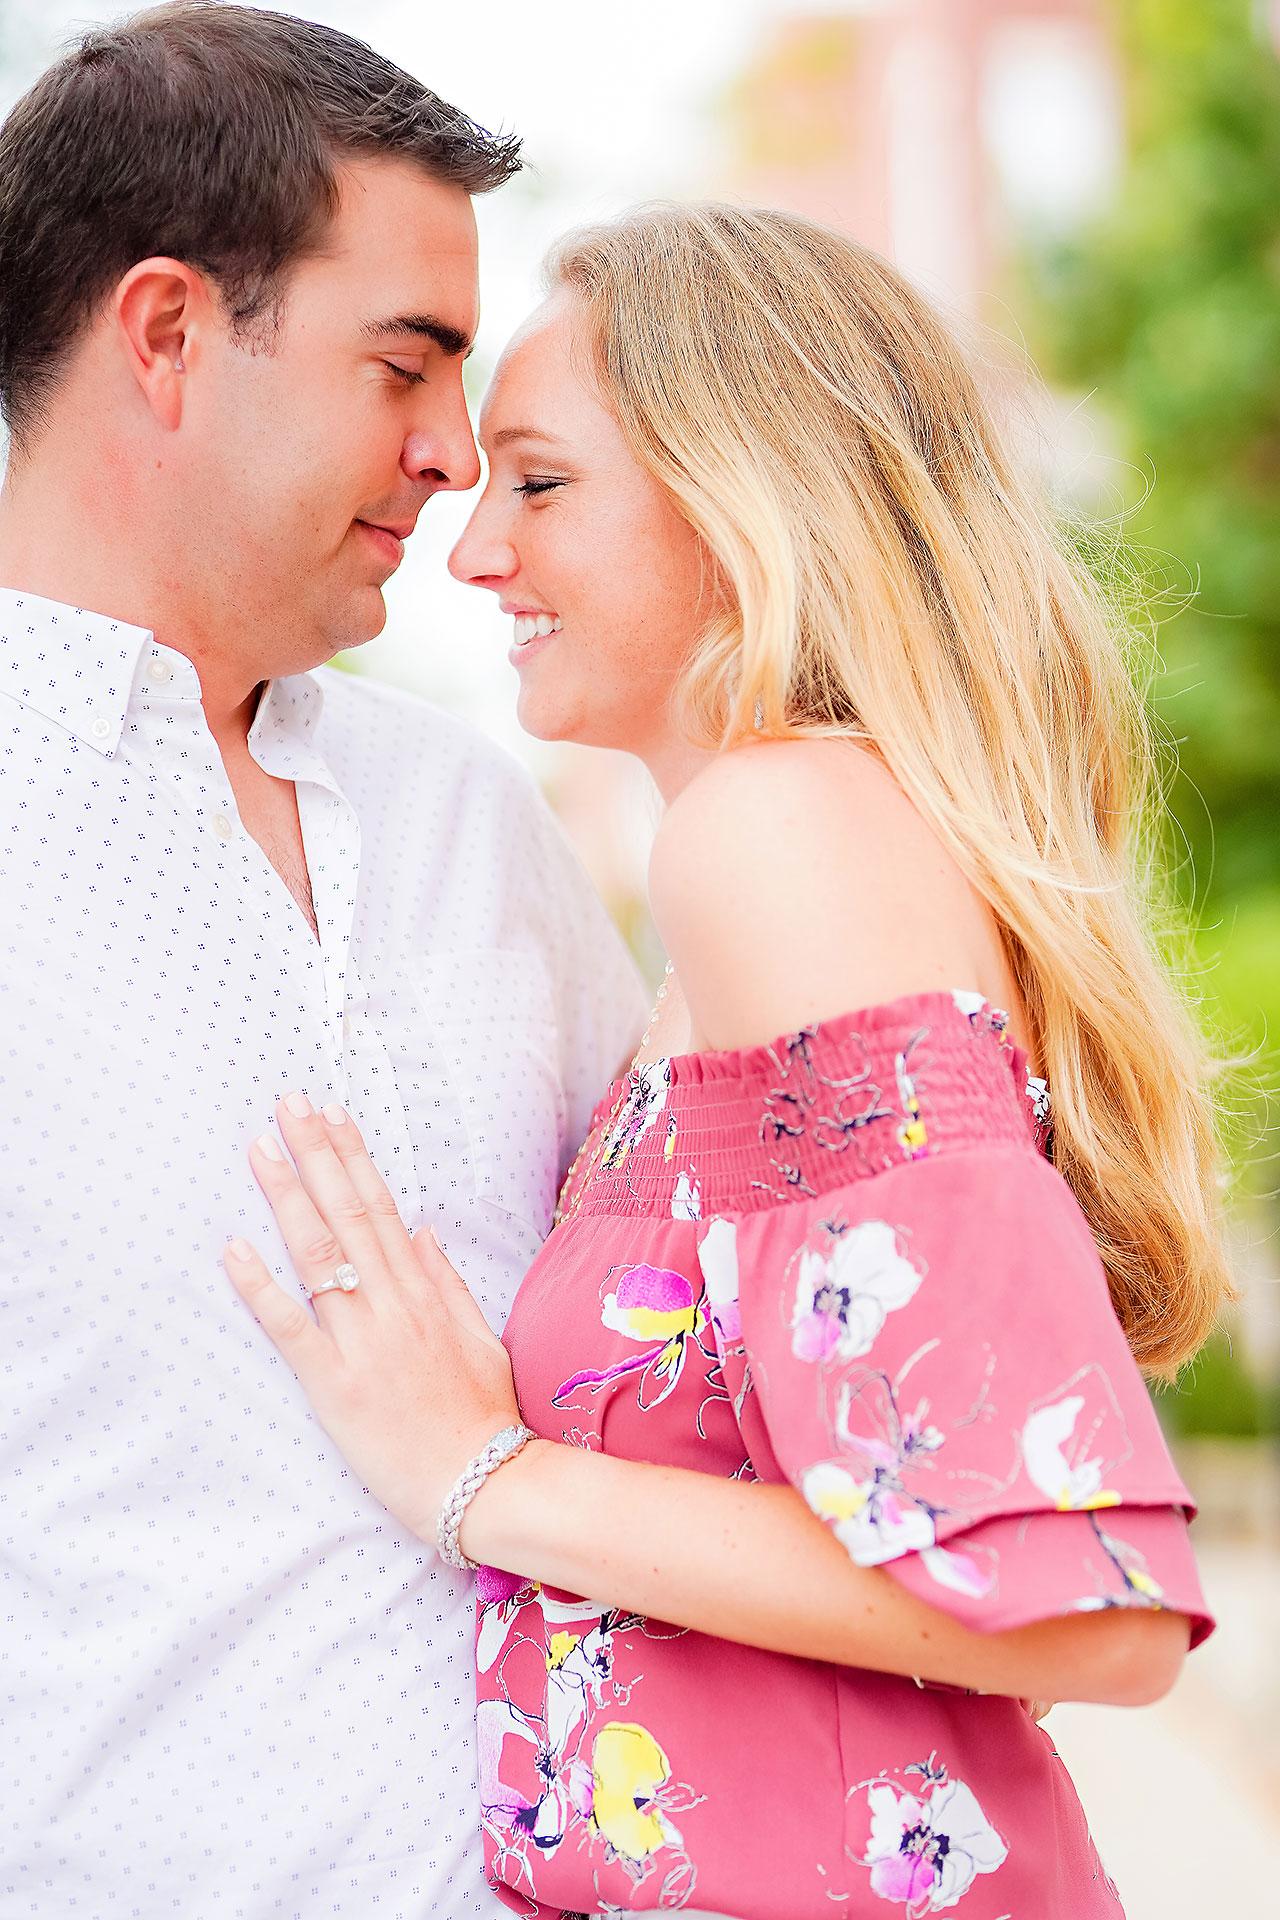 Liz Zach Midtown Carmel Engagement Session 005